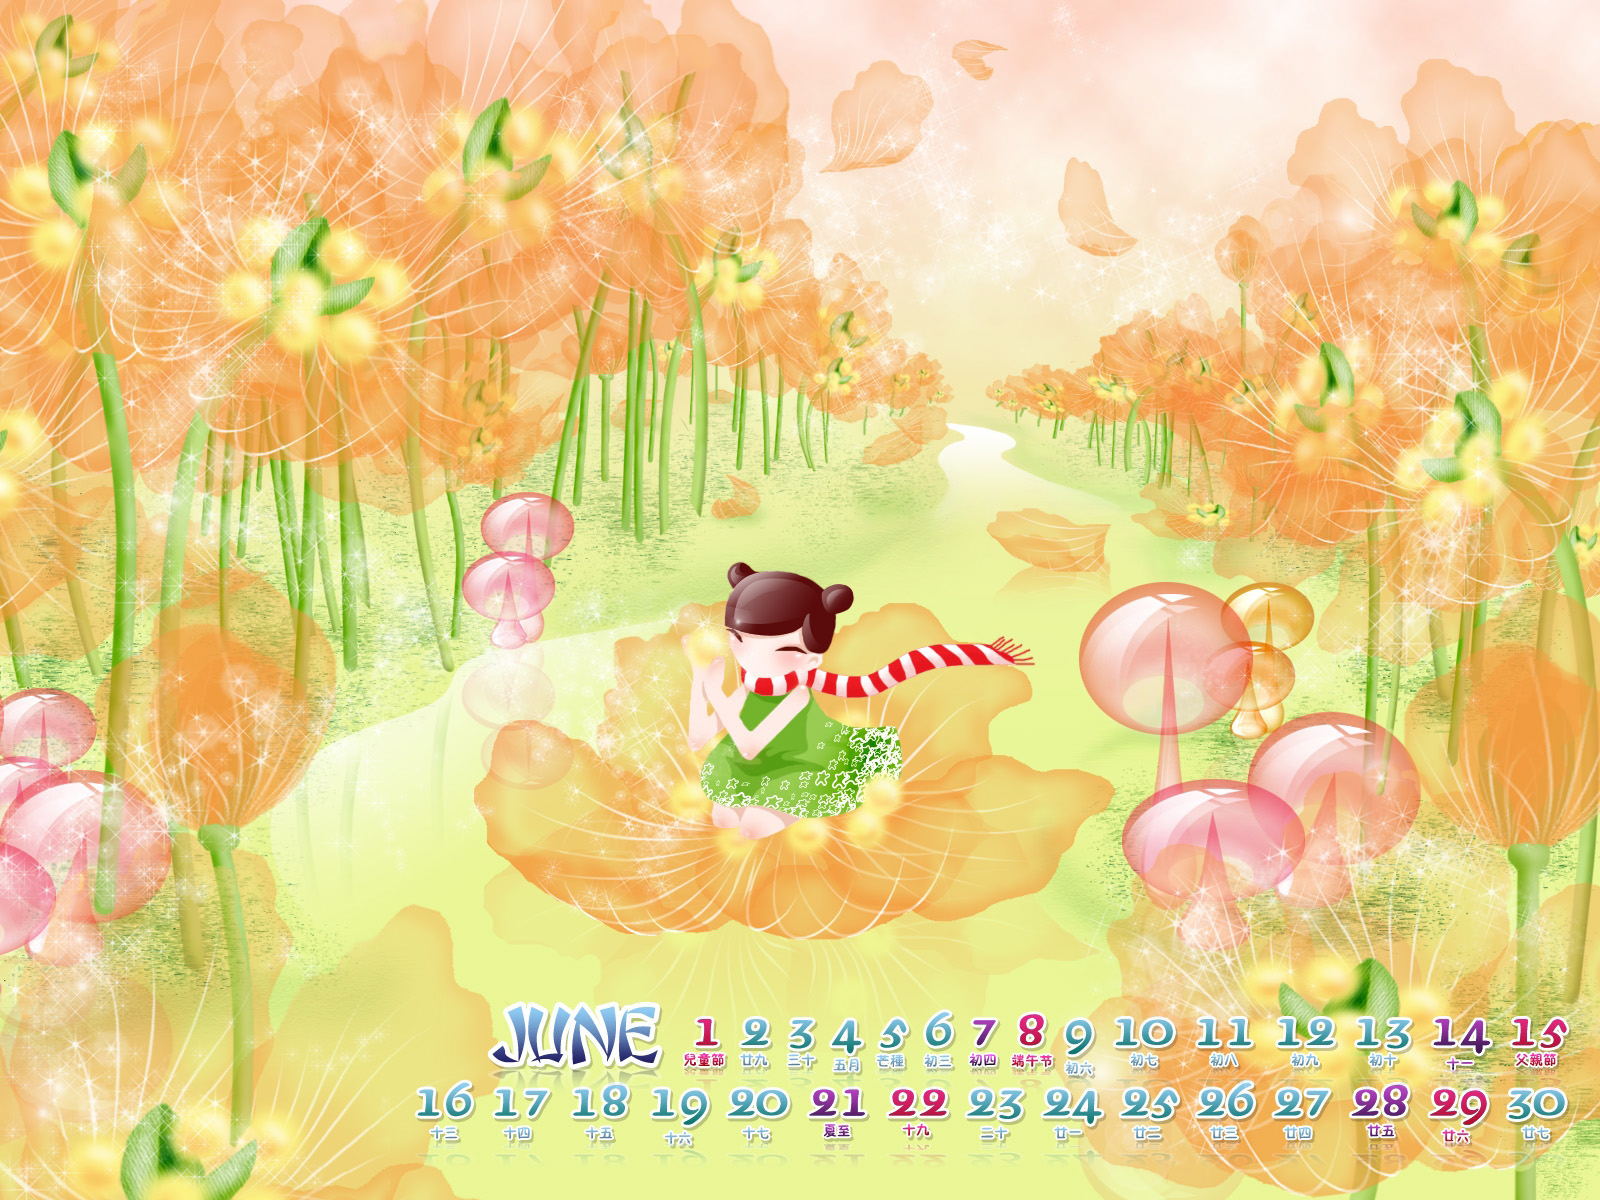 六一儿童节快乐-设计欣赏-素材中国-online.sccnn